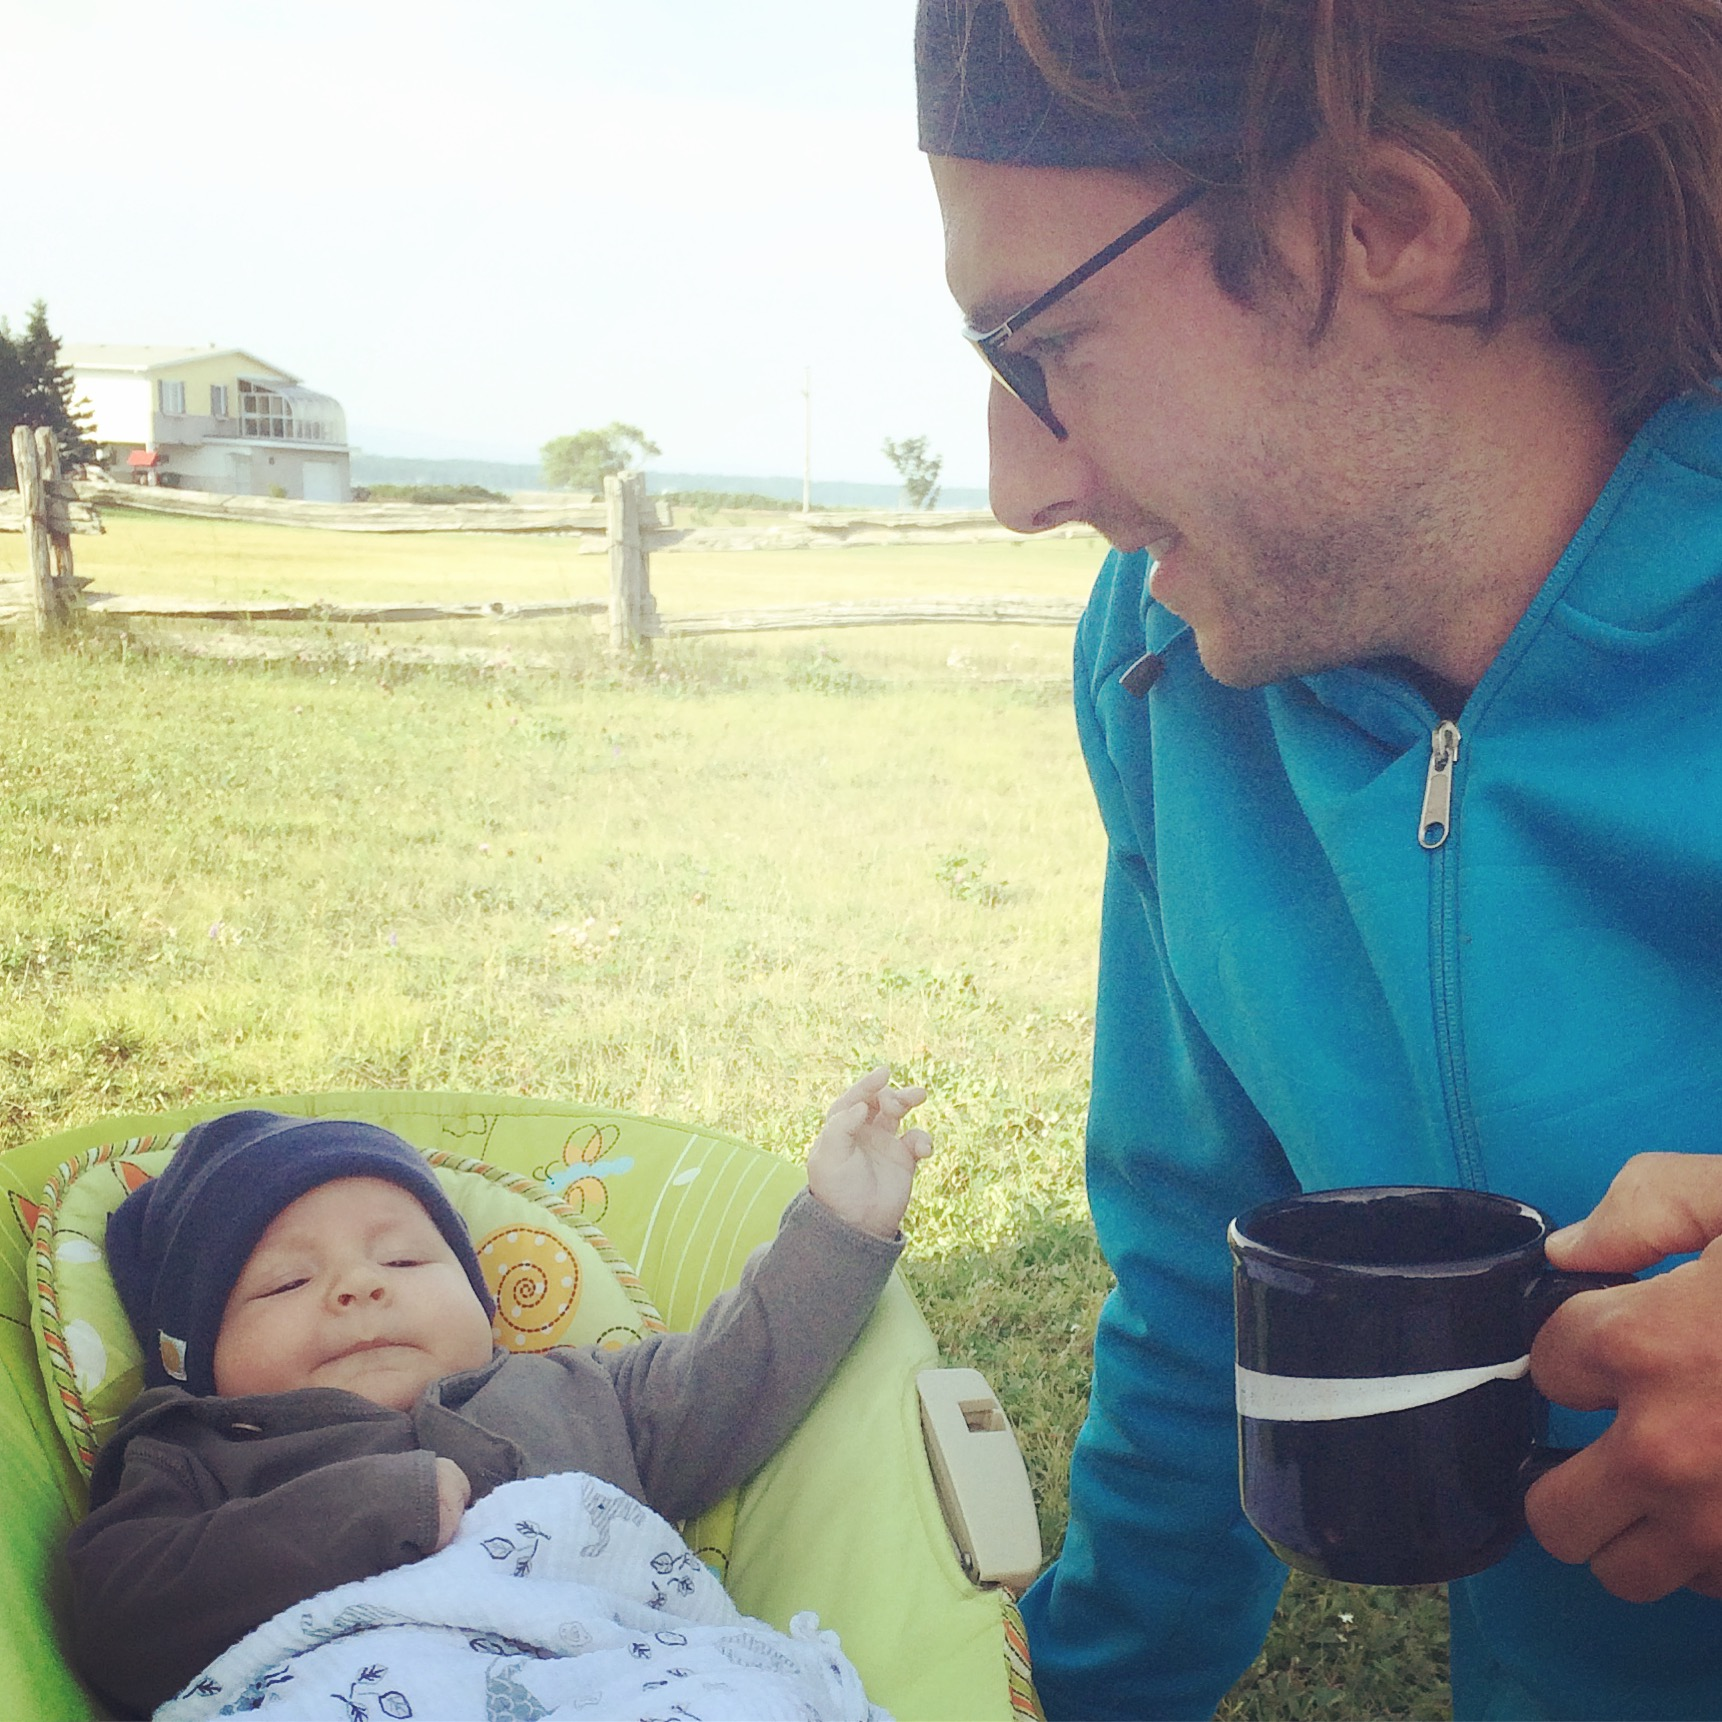 Coffee break on the campsite